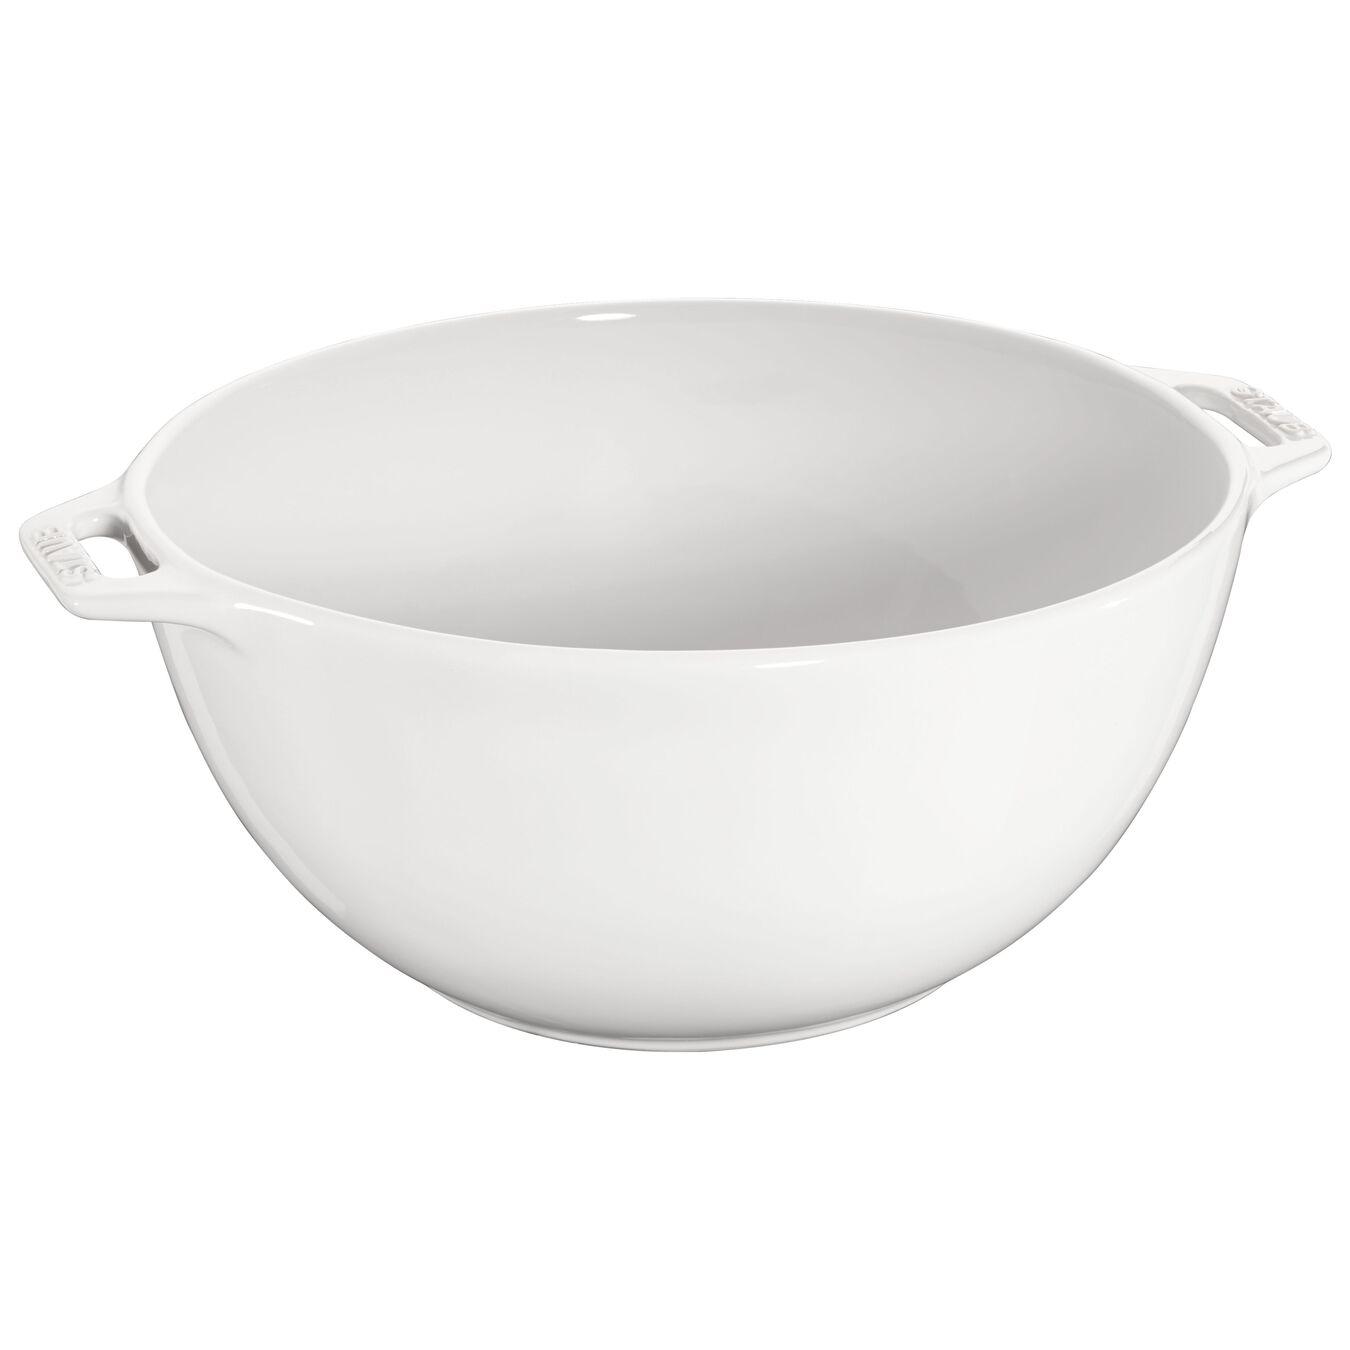 Salatschüssel 24 cm, Keramik, Reinweiß,,large 1